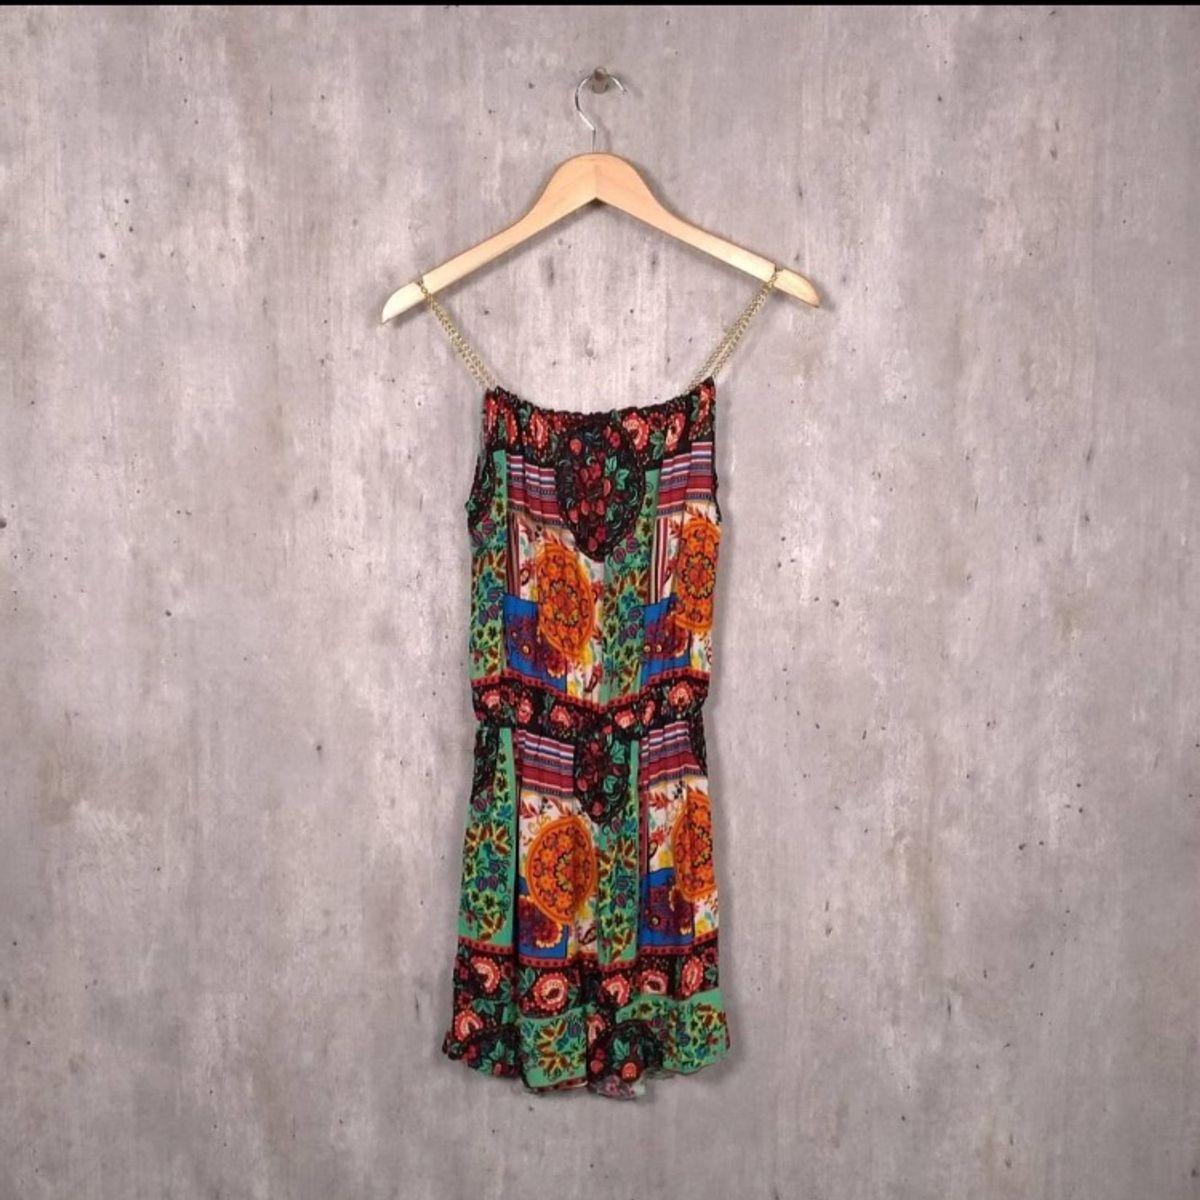 d5e54564ec Vestido Estampado com Alças de Corrente